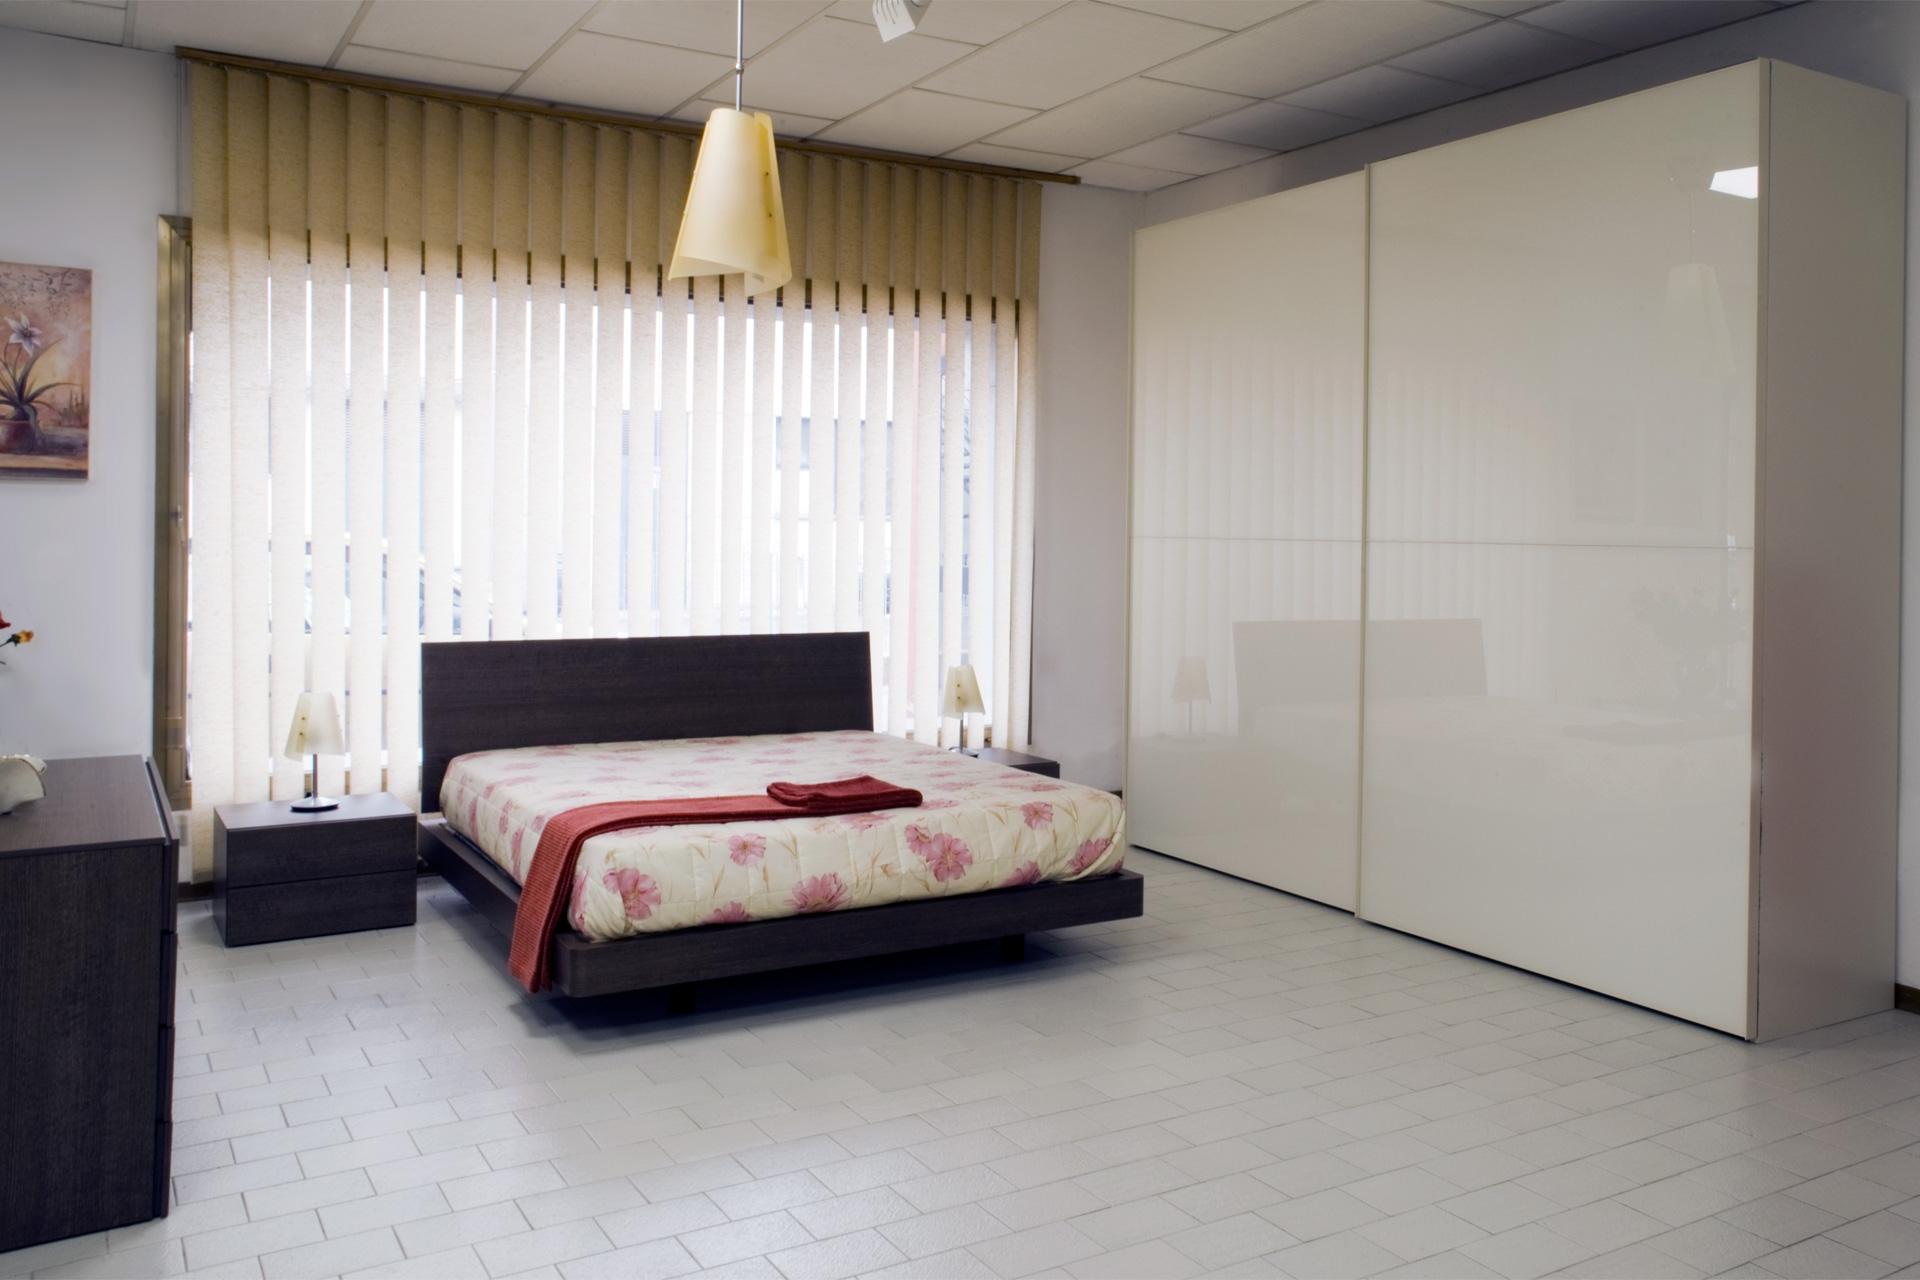 Stunning Vetro Temperato Costo Contemporary - Home Design Ideas ...